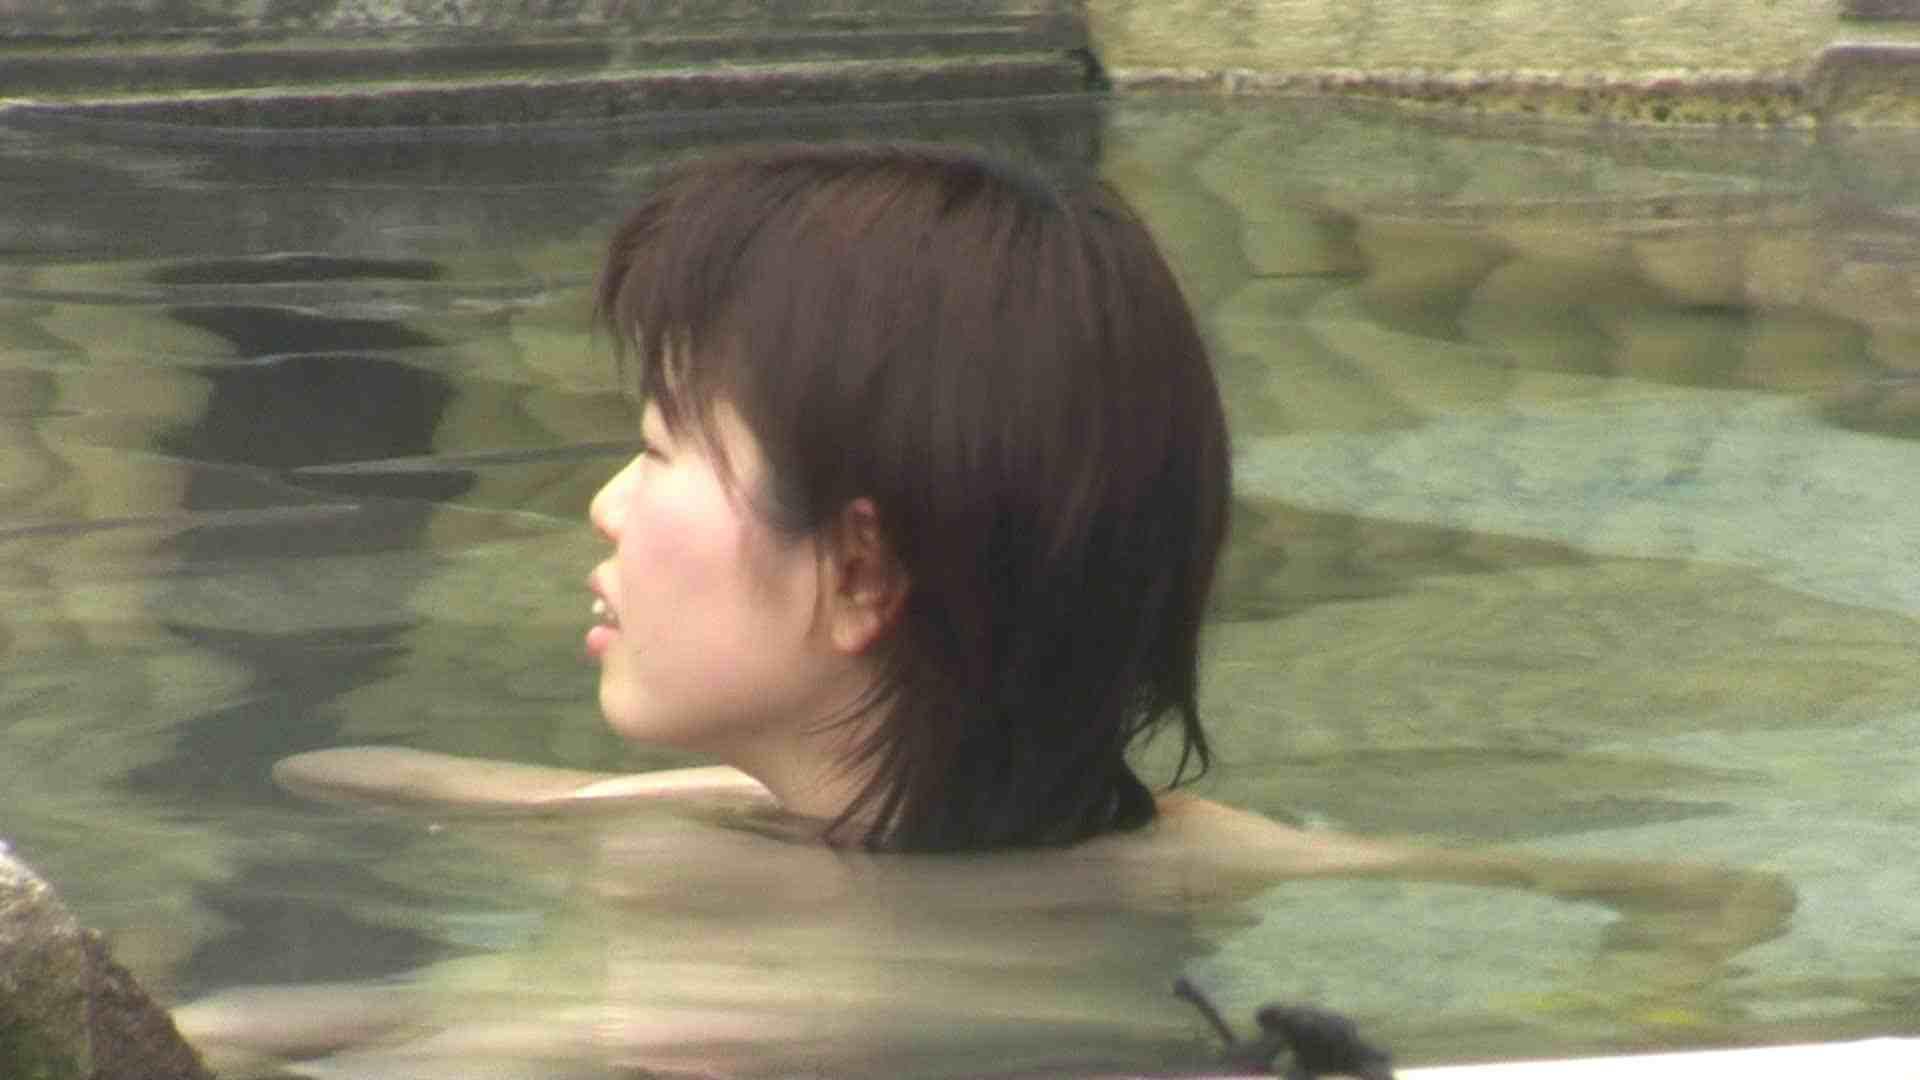 Aquaな露天風呂Vol.675 盗撮  77画像 18